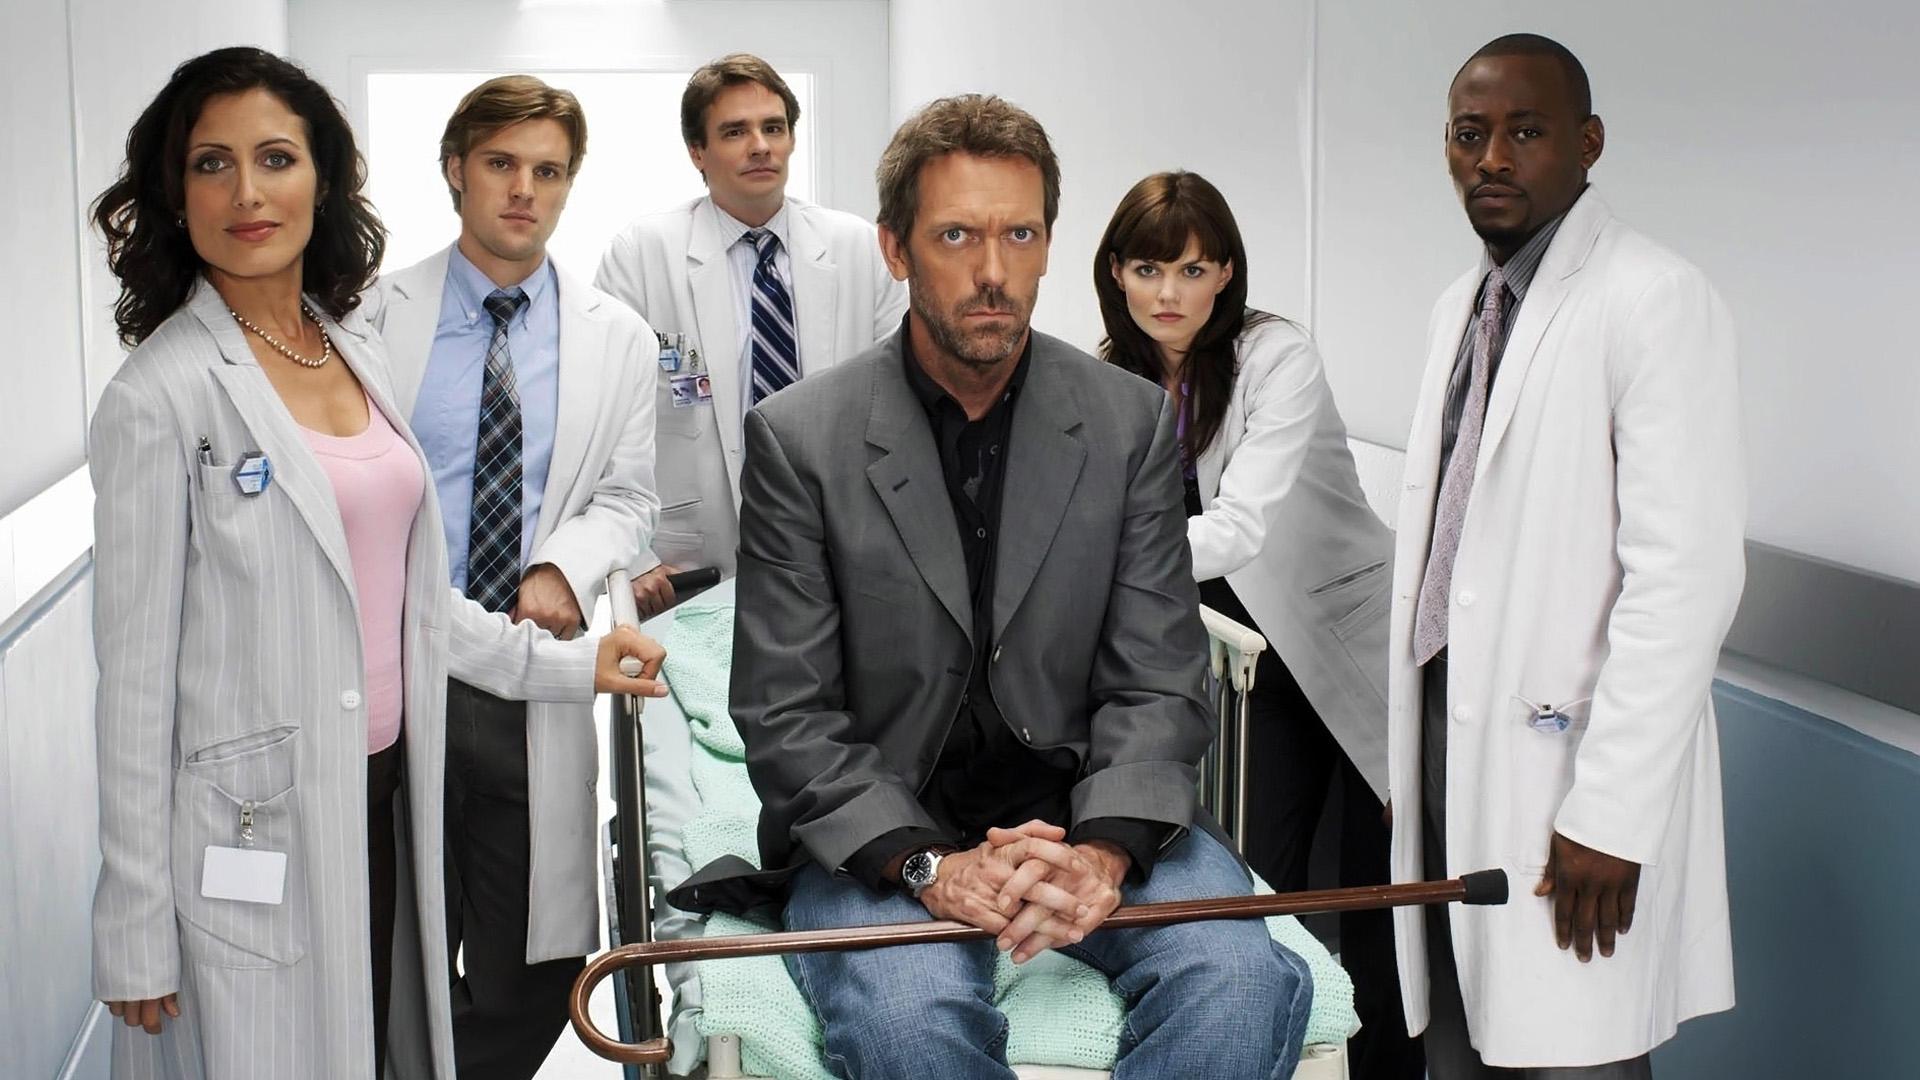 Подборка фильмов про врачей: торрент-файлы по категориям